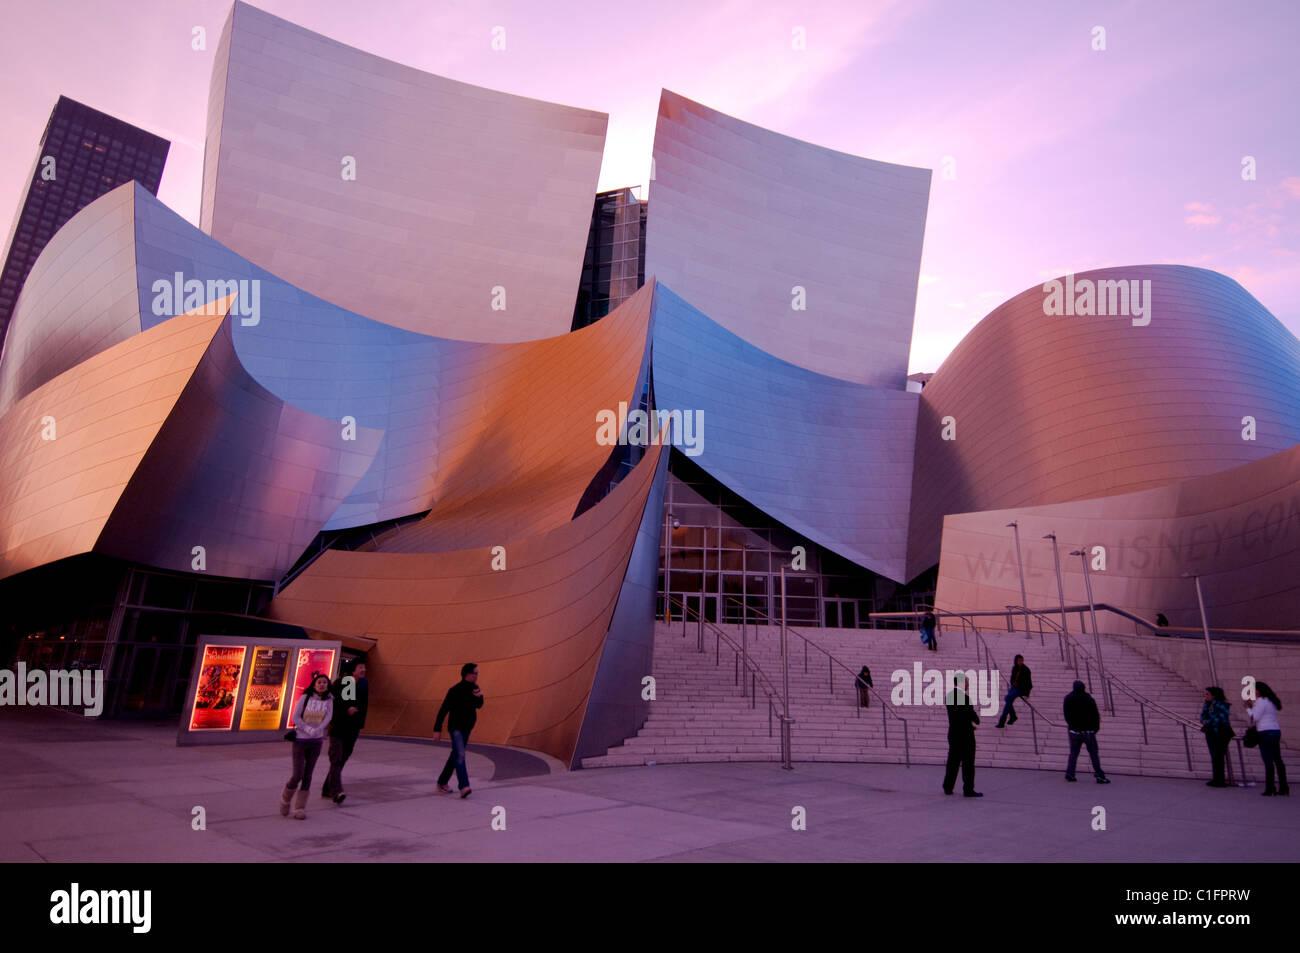 L'architecte Frank Gehry Disney Concert Hall dans le centre-ville de Los Angeles Californie du Sud USA Photo Stock